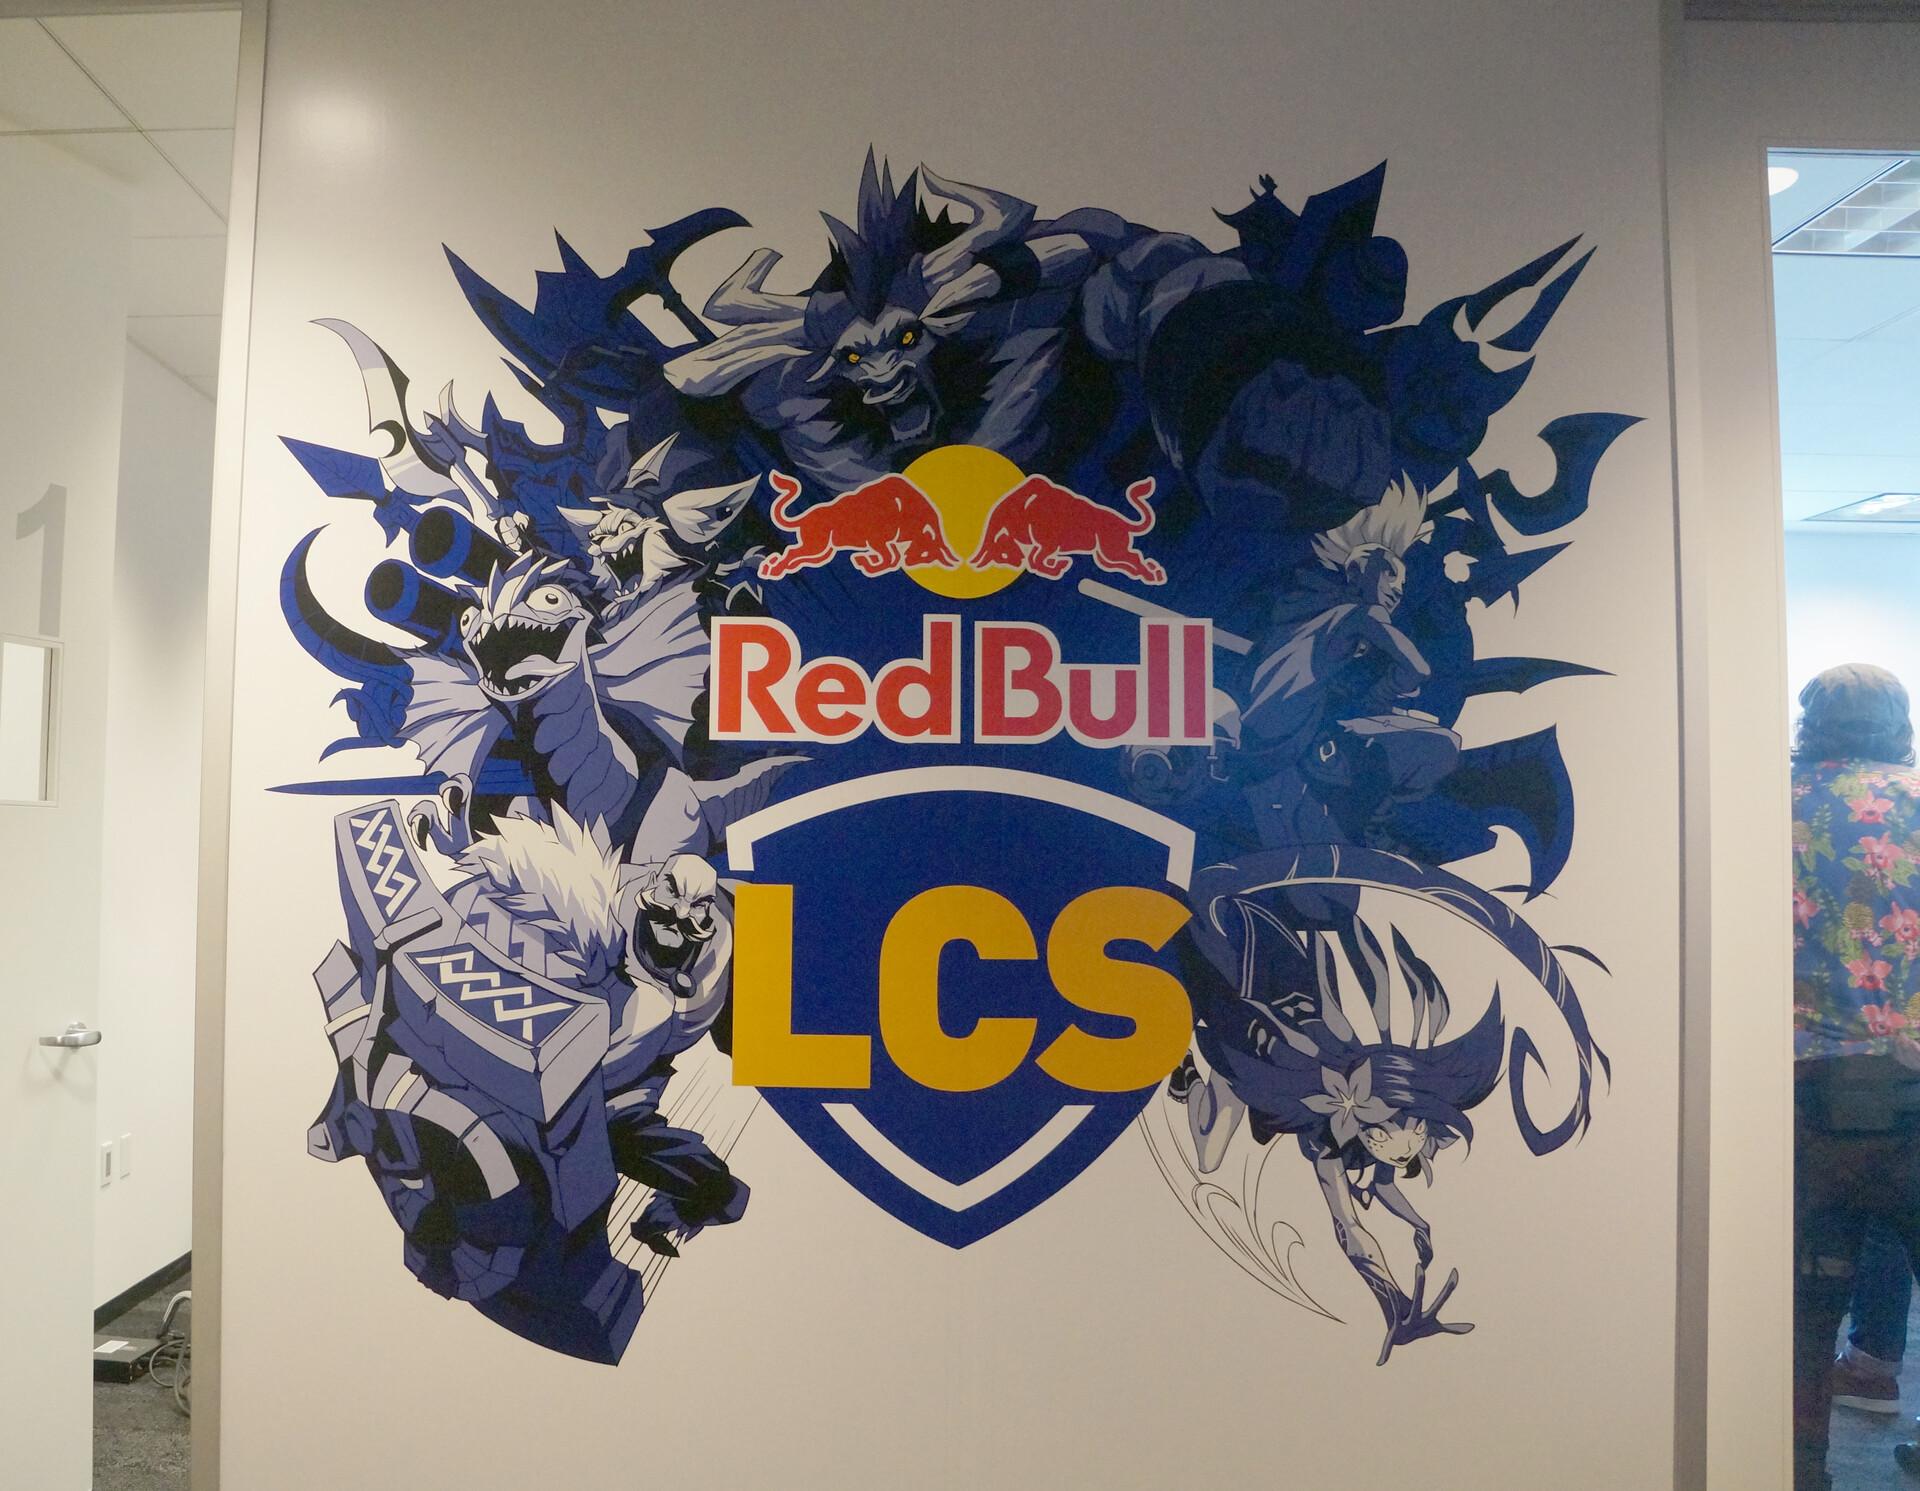 LoL RedBull LCS Promo 04.jpg